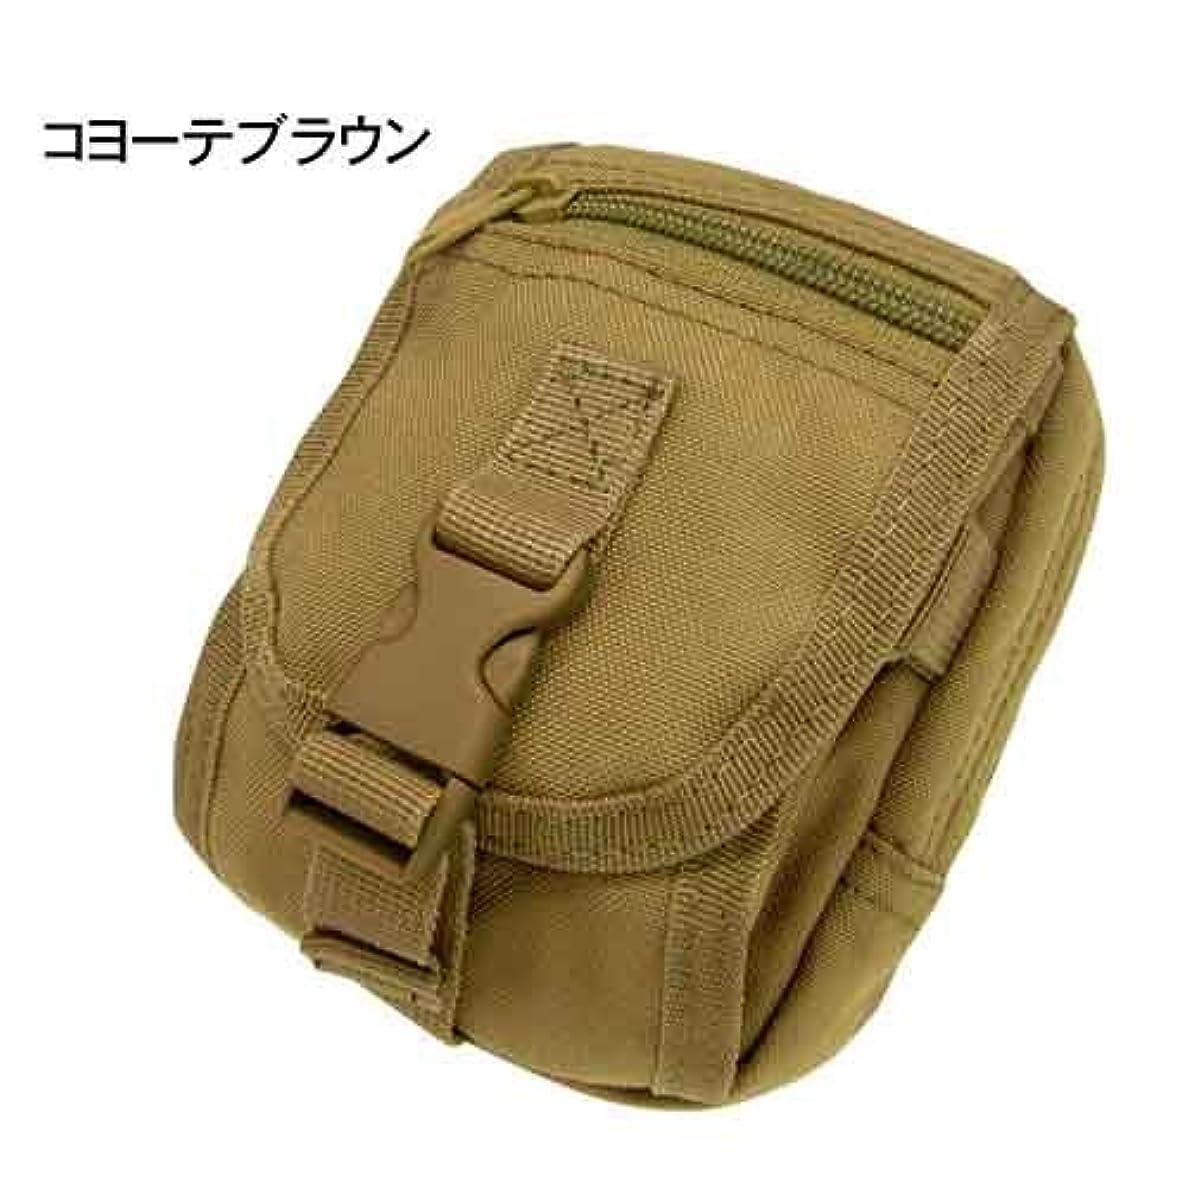 シロクマ友情ギャラリーCONDOR(コンドル) タクティカルギア MA26 Gadget ポーチ コヨーテブラウン